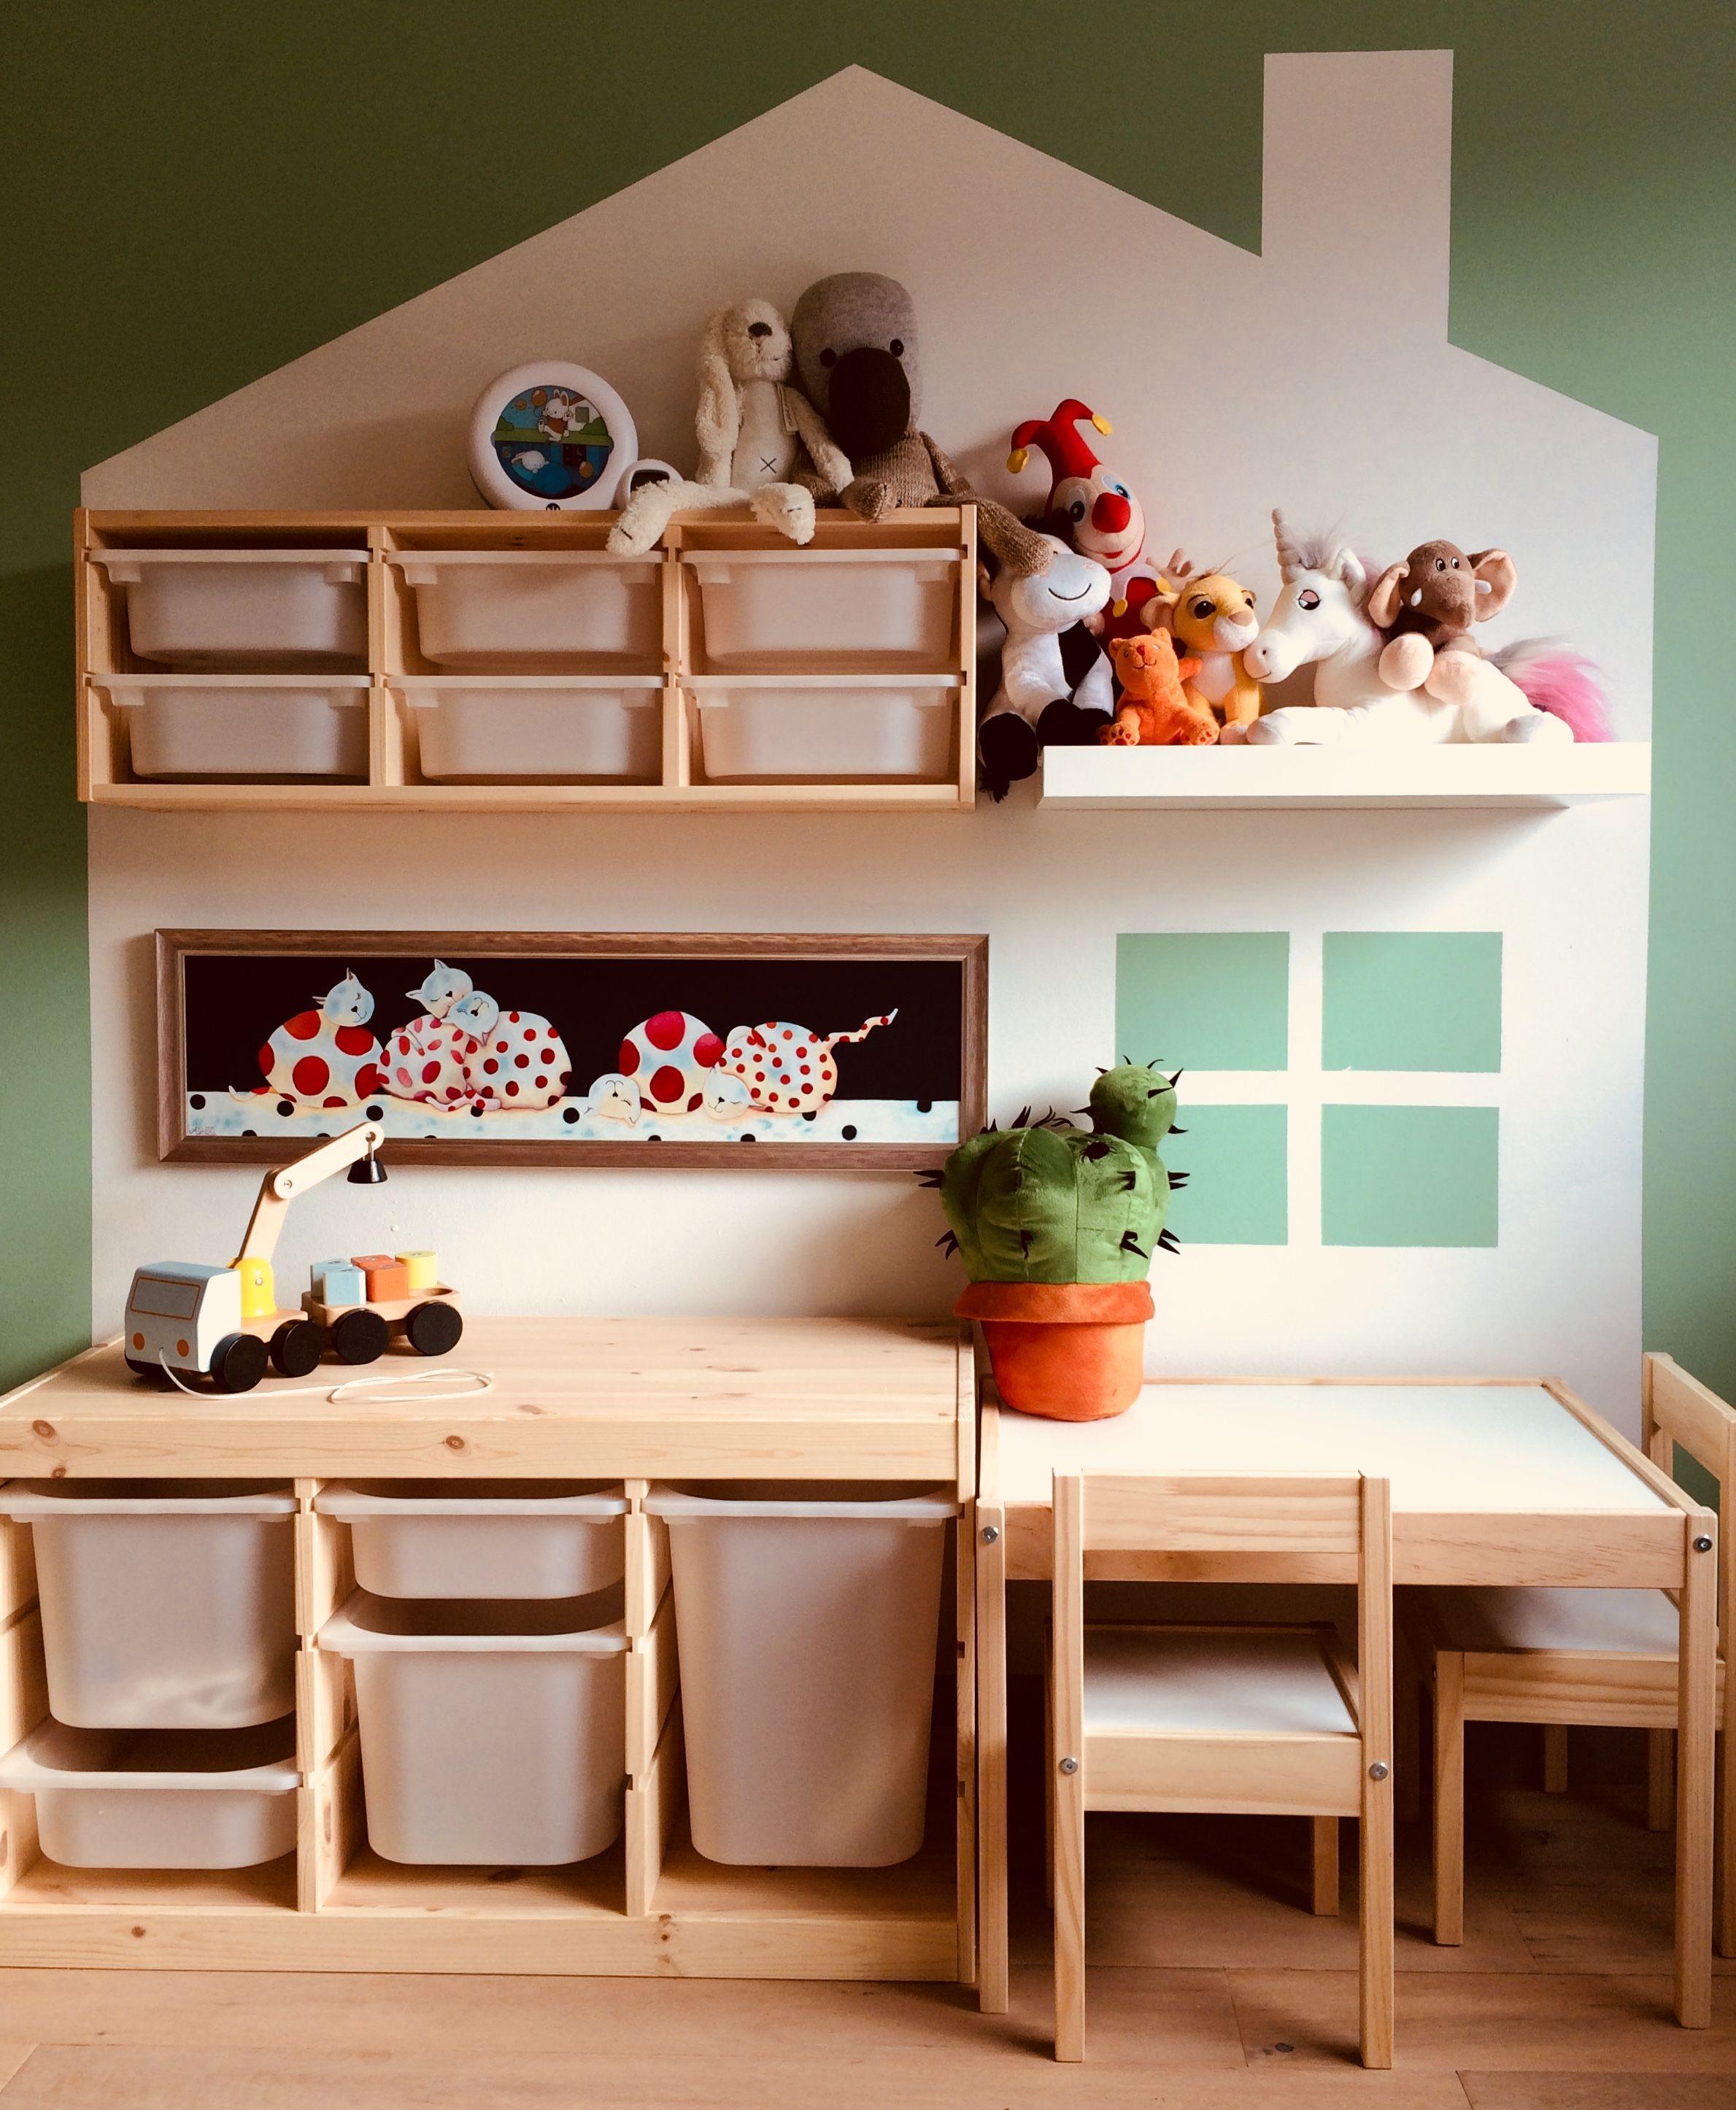 Playroom Toy Storage Ideas